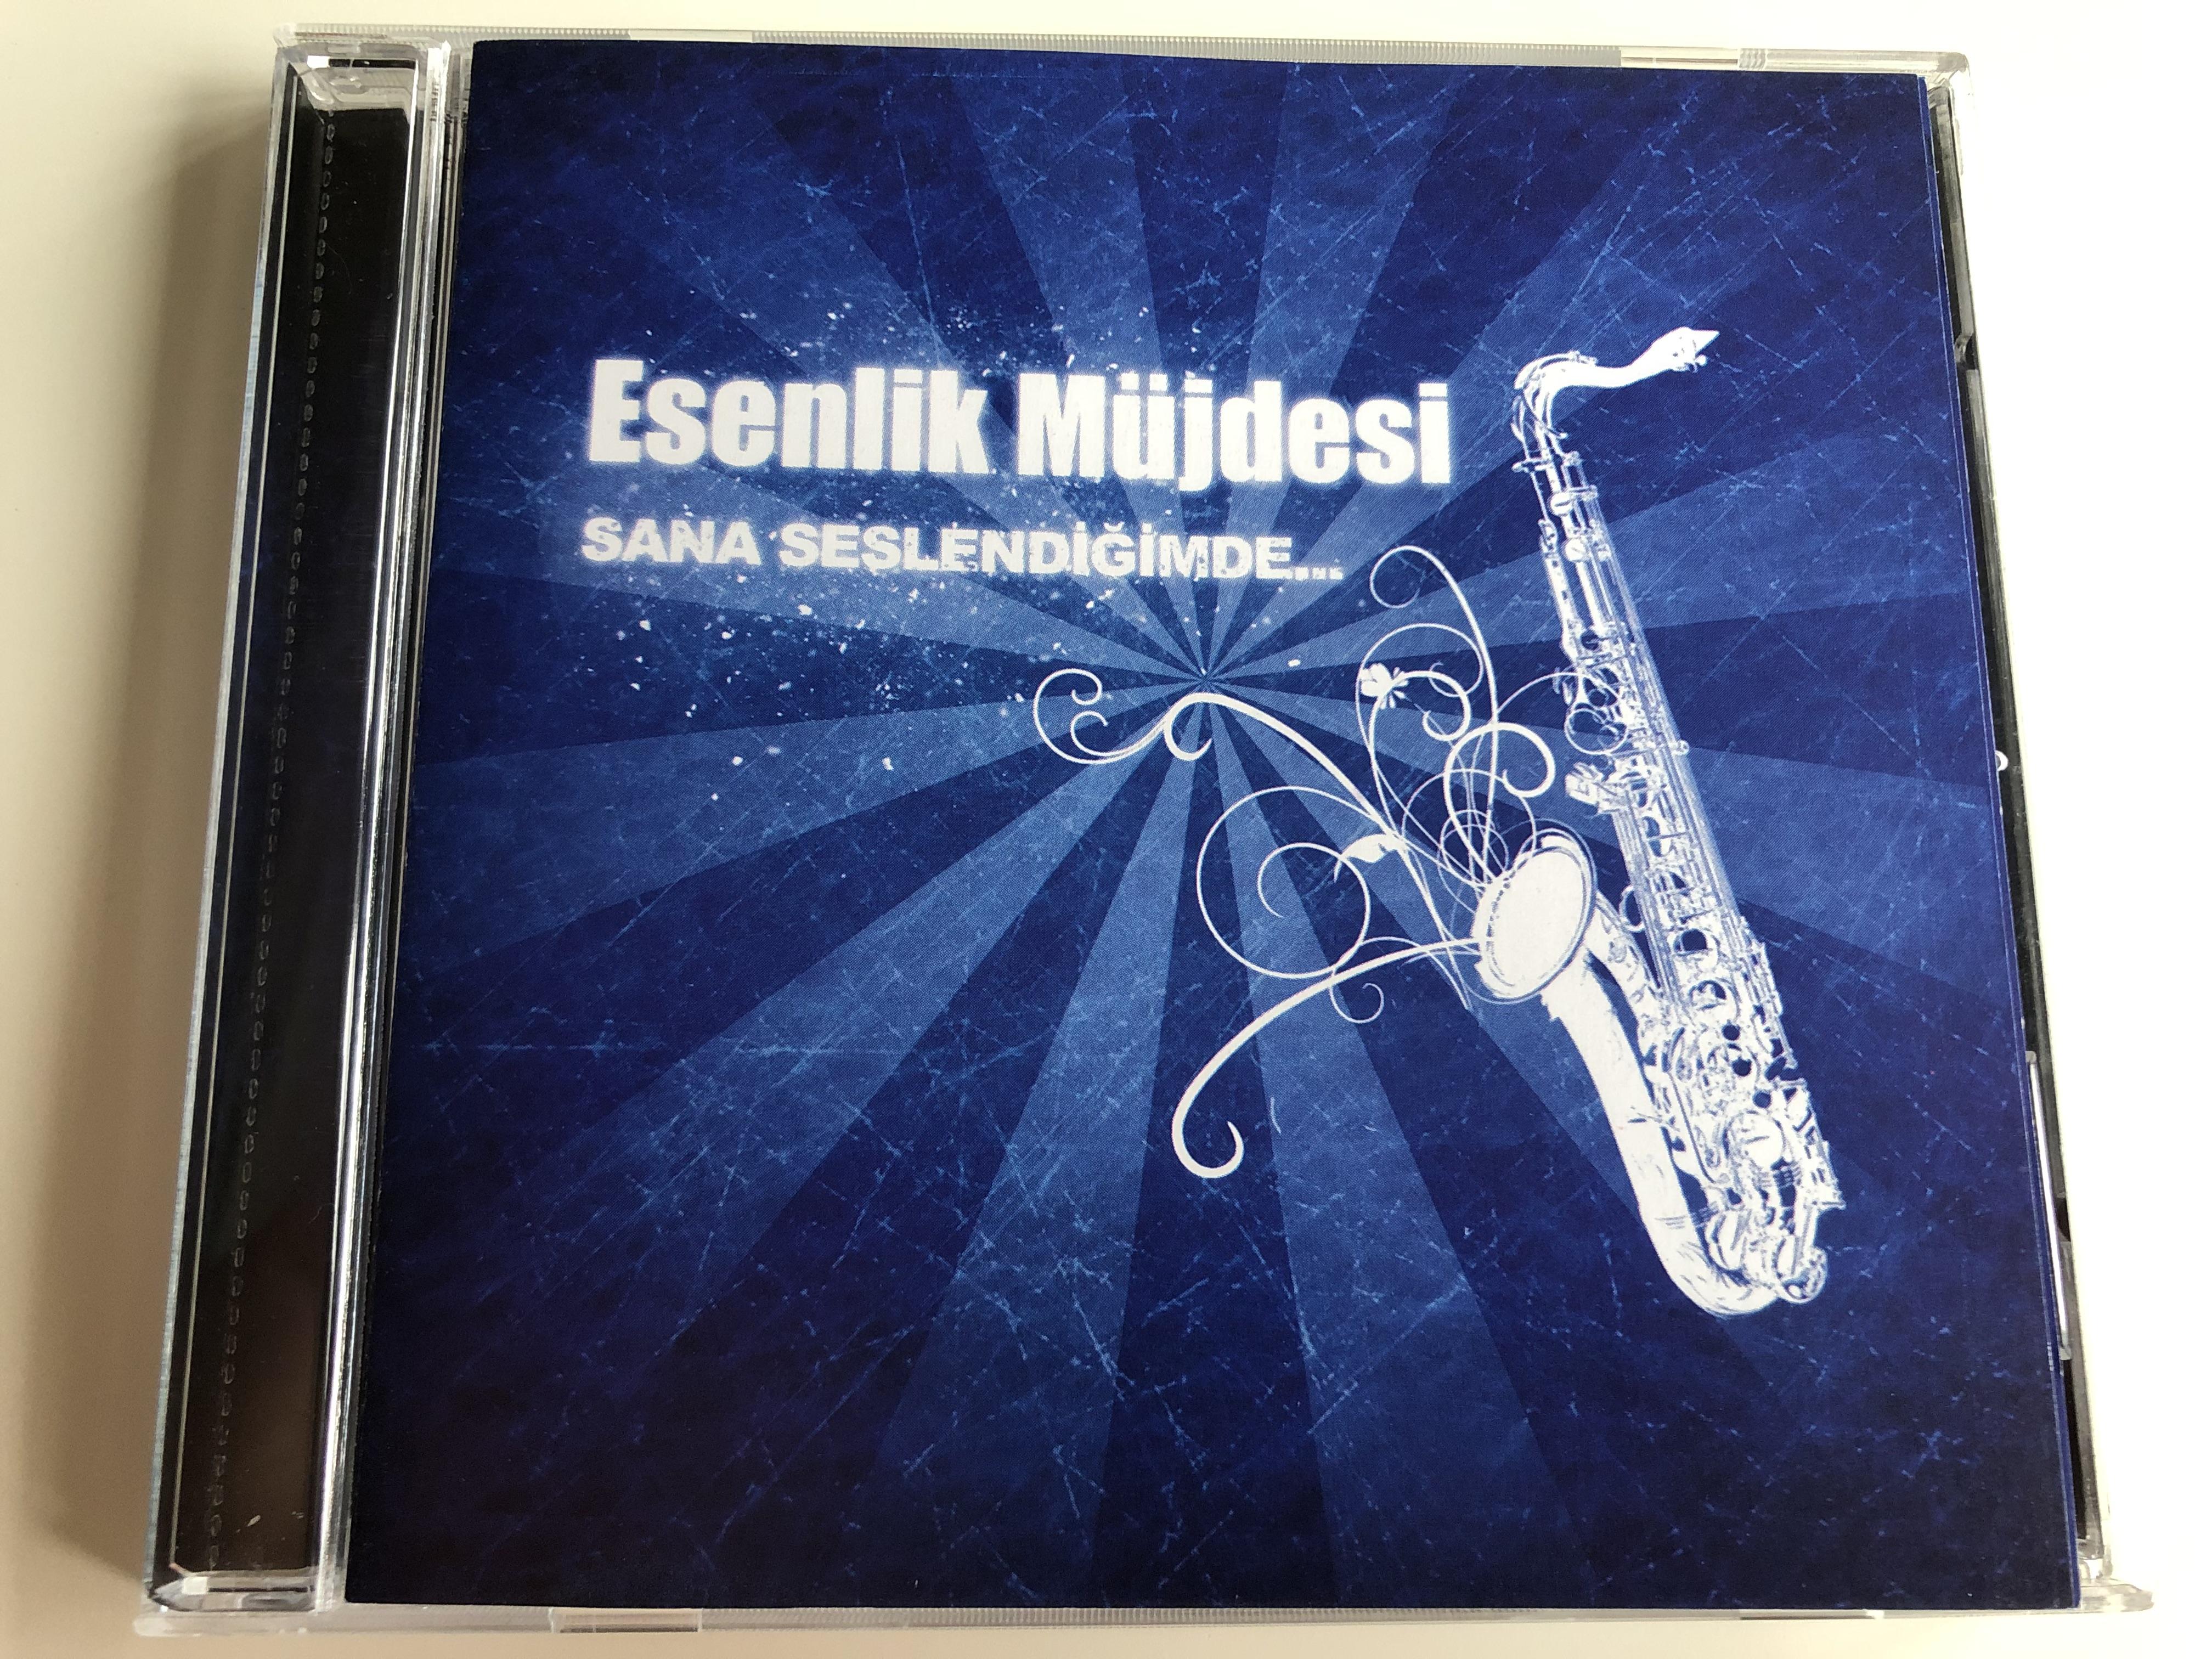 sana-seslendi-imde-esenlik-m-jdesi-turkish-cd-when-i-call-you-gospel-turkish-gospel-and-worship-songs-1-.jpg